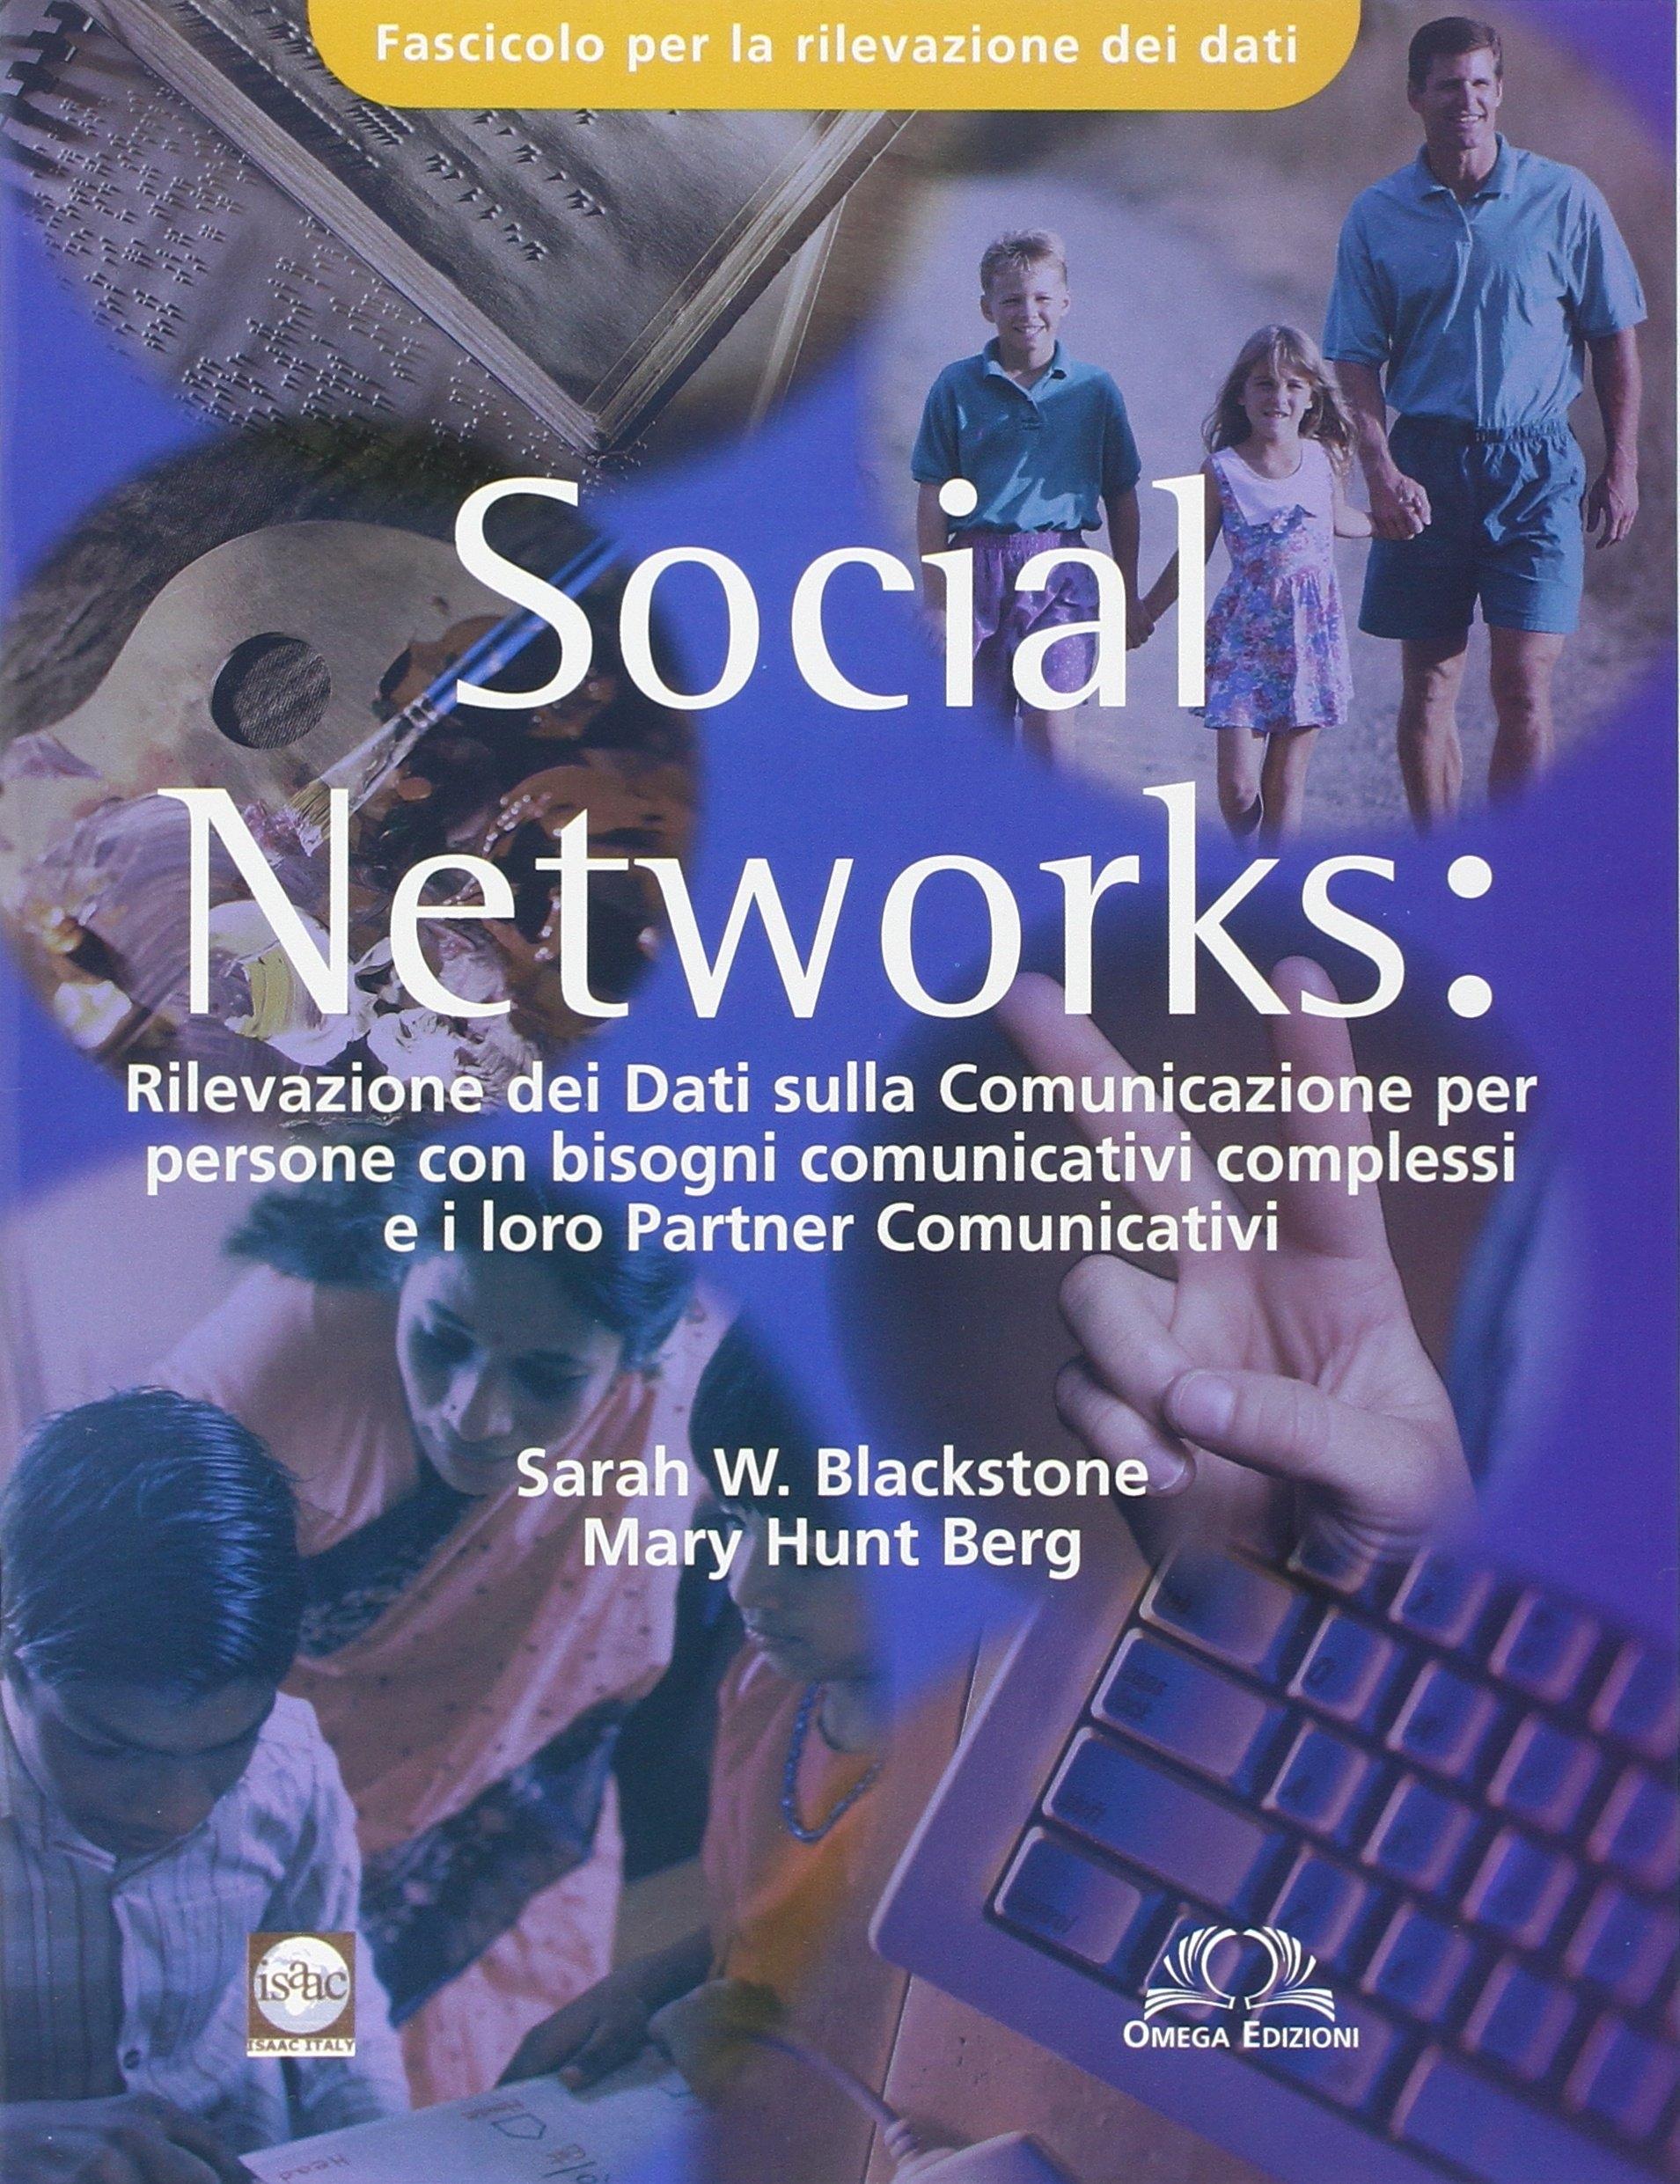 Social Networks. Rilevazione dei dati sulla comunicazione per persone con bisogni comunicativi complessi e i loro partners comunicativi. Fascicolo rilevamento dati